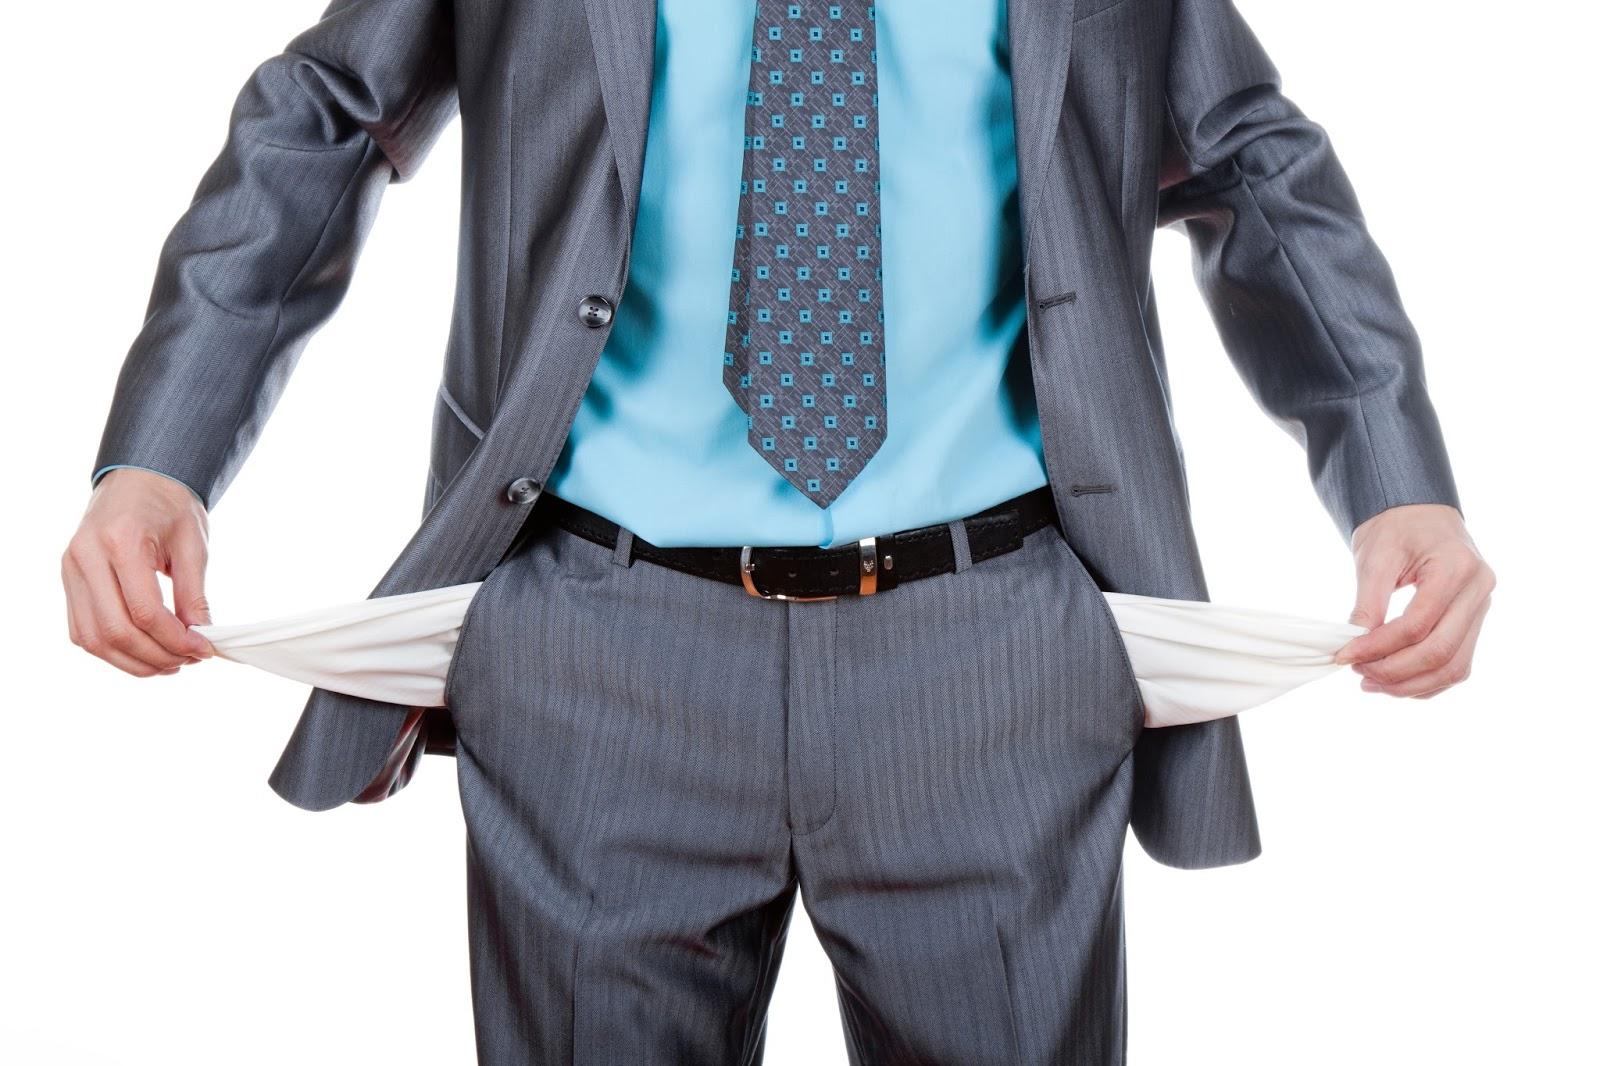 Как подать на алименты, если муж официально не работает